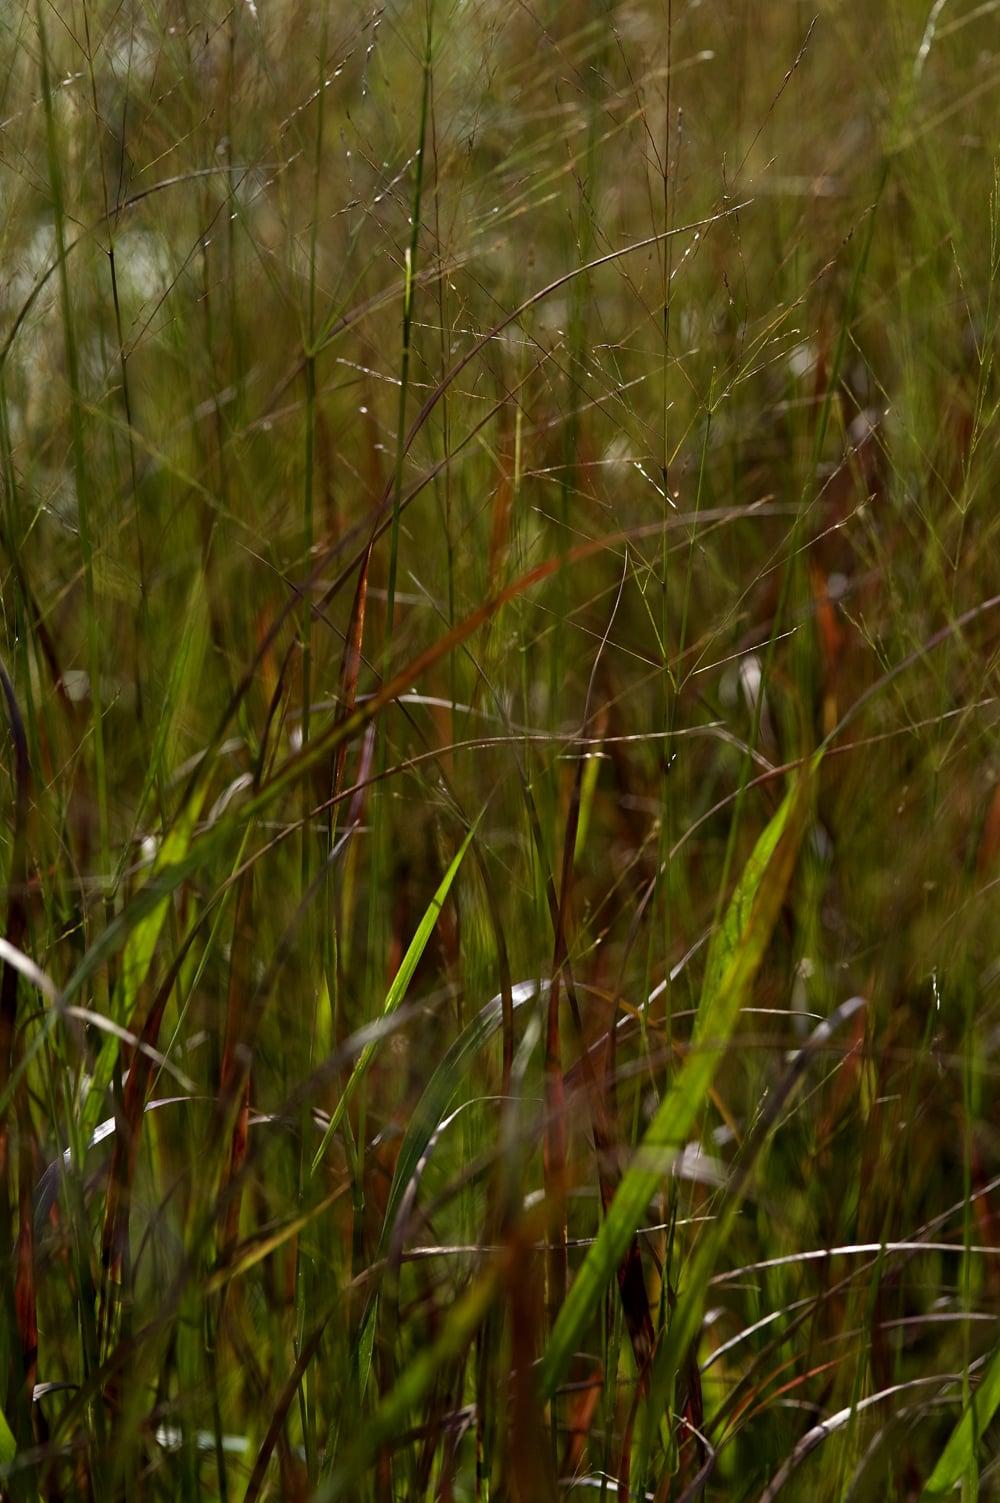 #35 Green/red grass 5